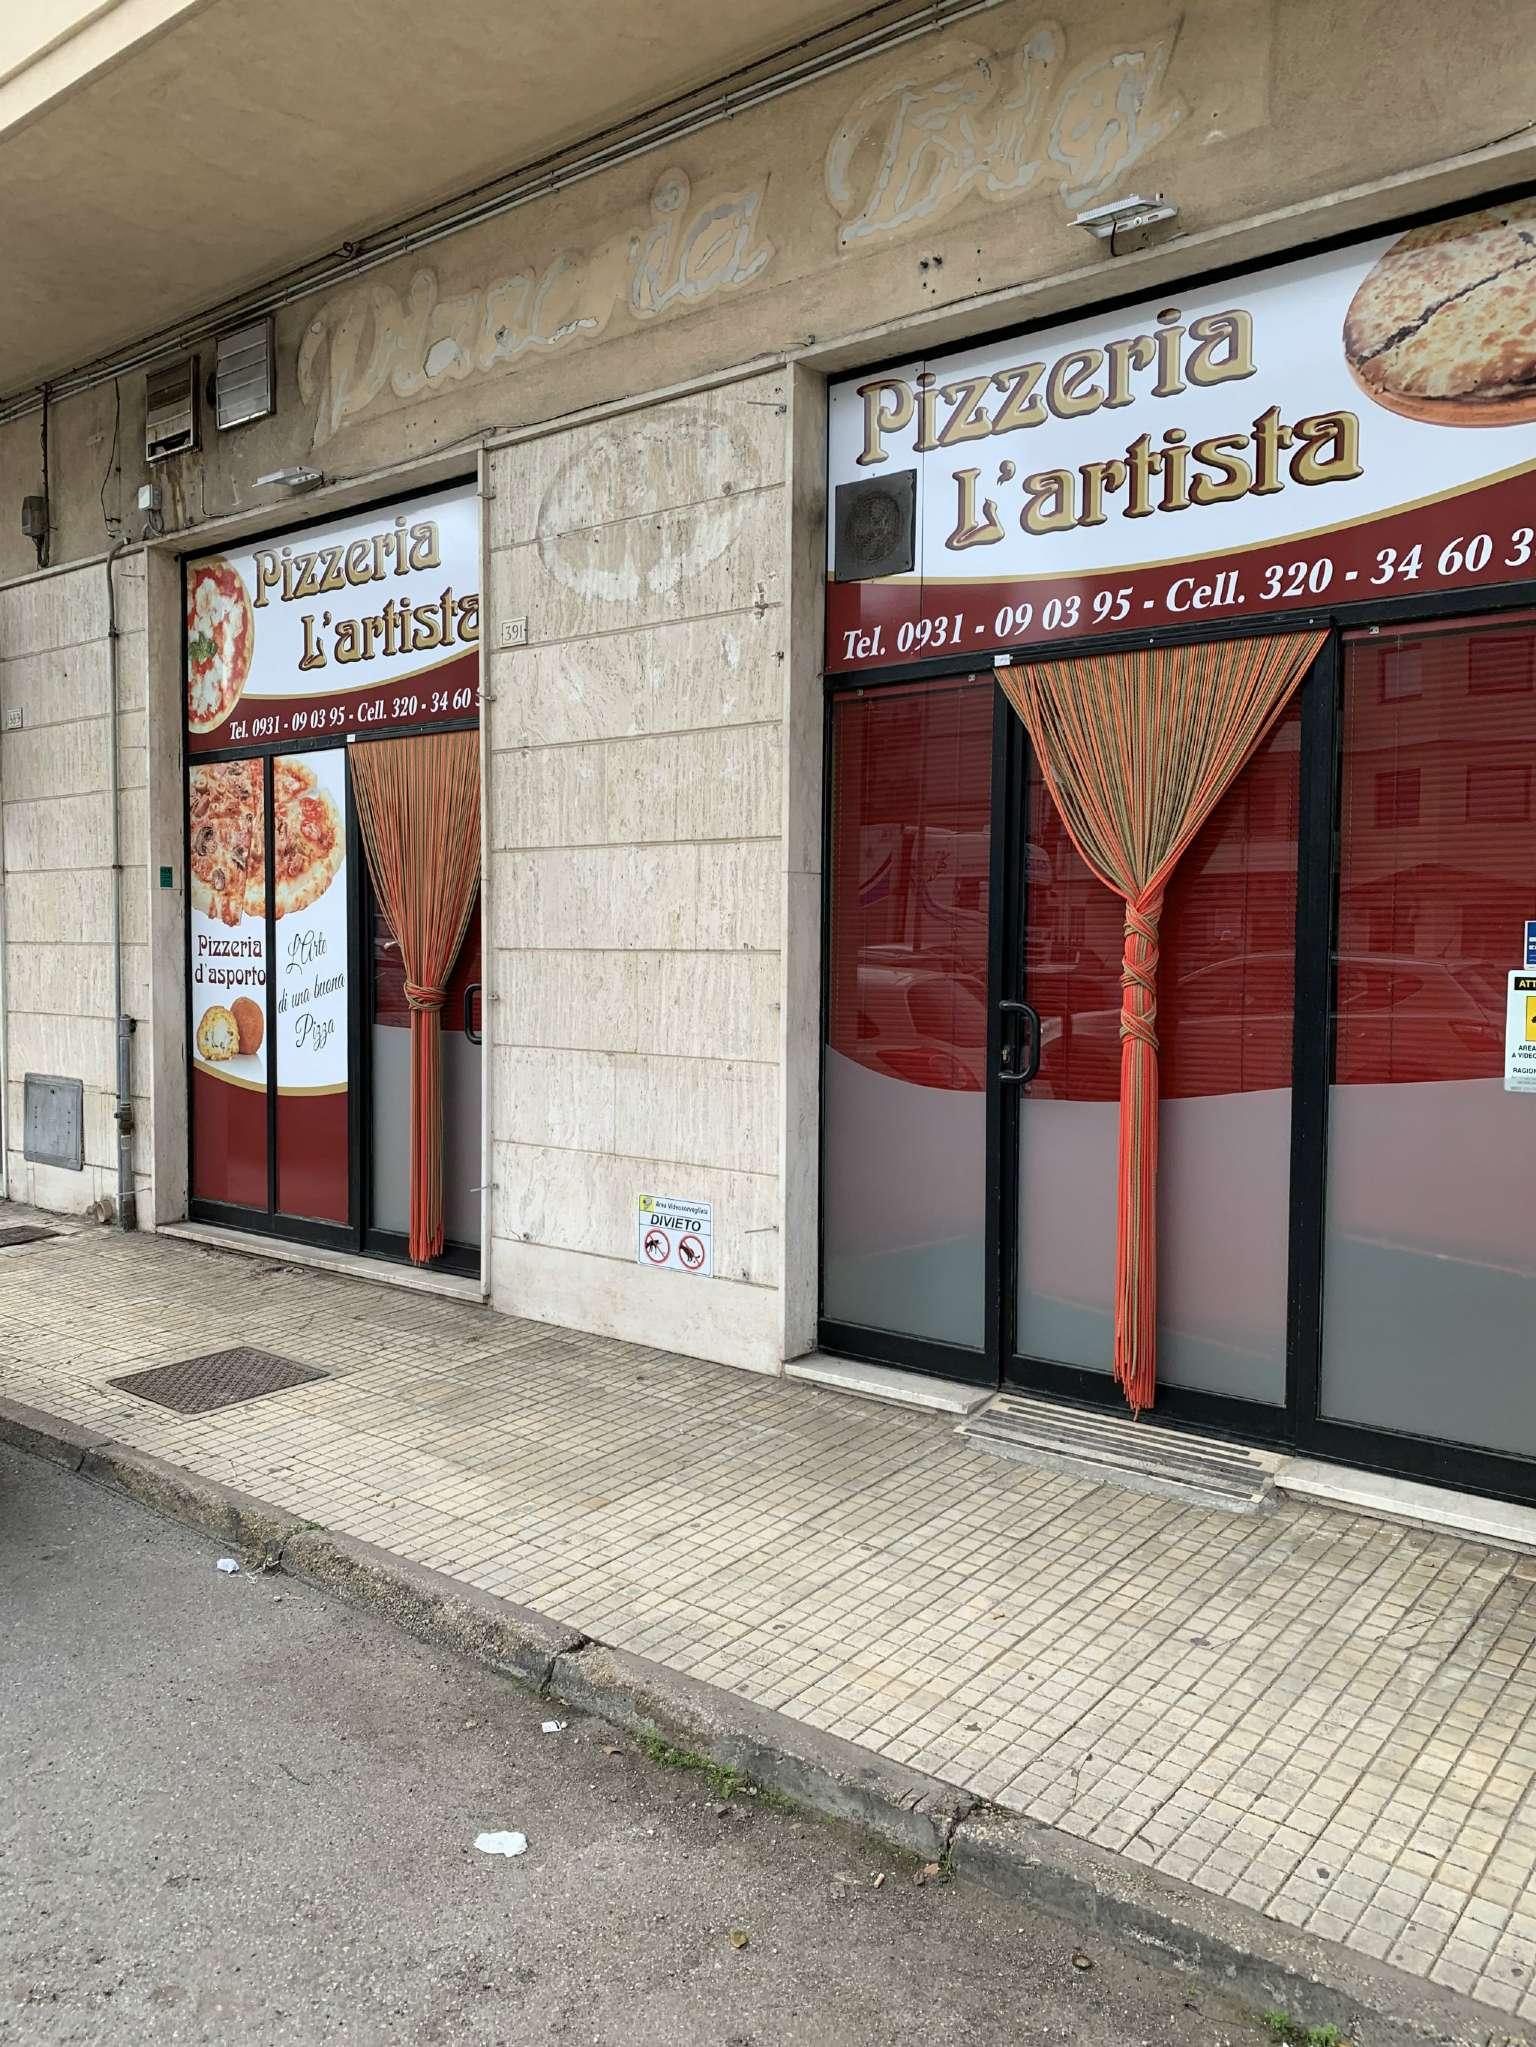 Negozio / Locale in vendita a Siracusa, 1 locali, prezzo € 120.000 | PortaleAgenzieImmobiliari.it